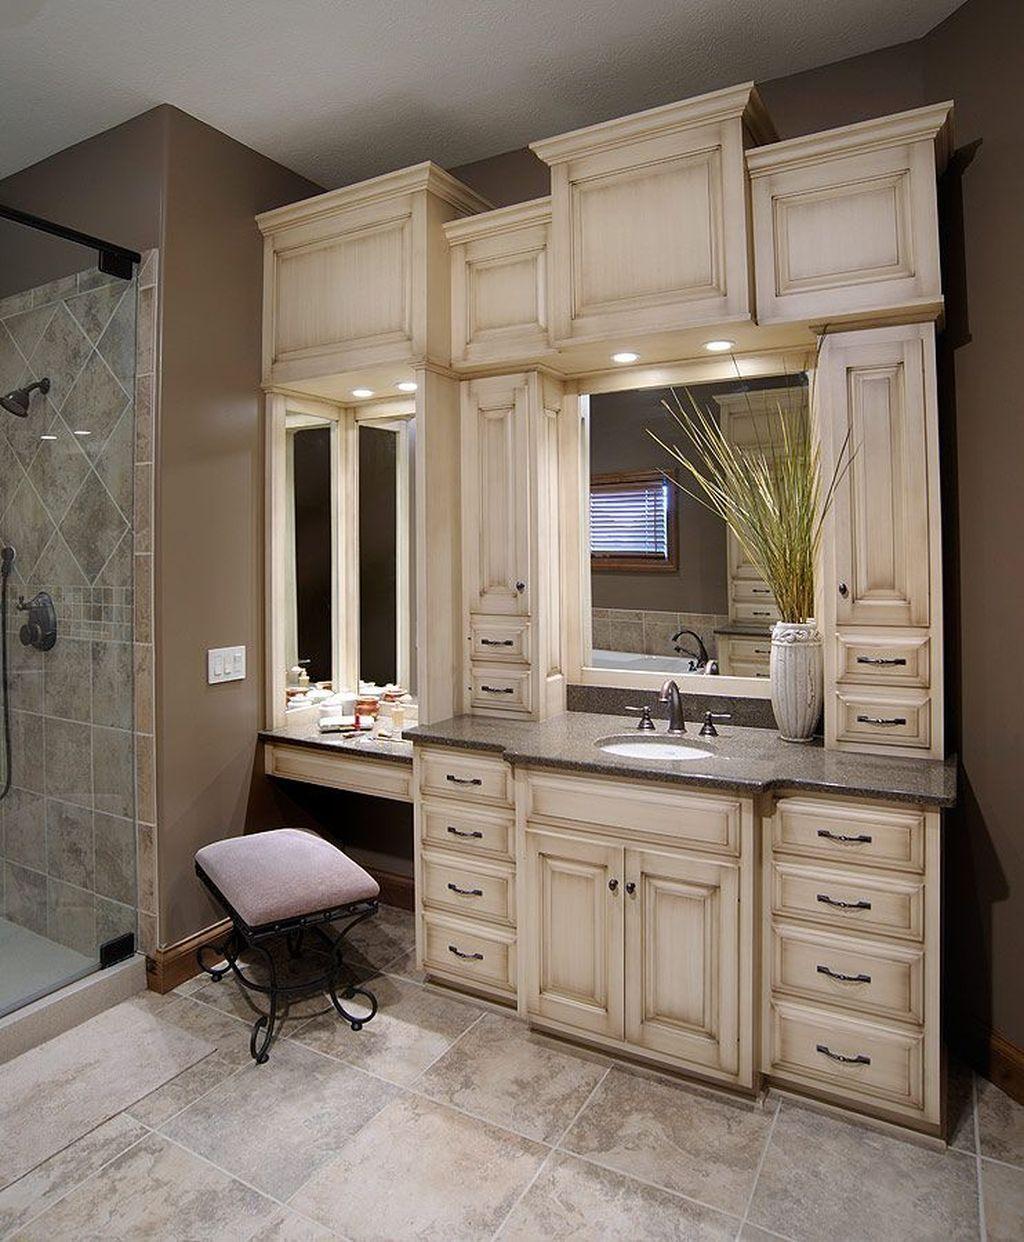 20 Inspiring Bathroom Vanity Design Ideas Trenduhome Bathroom Suite Gorgeous Bathroom Bathroom Remodel Master